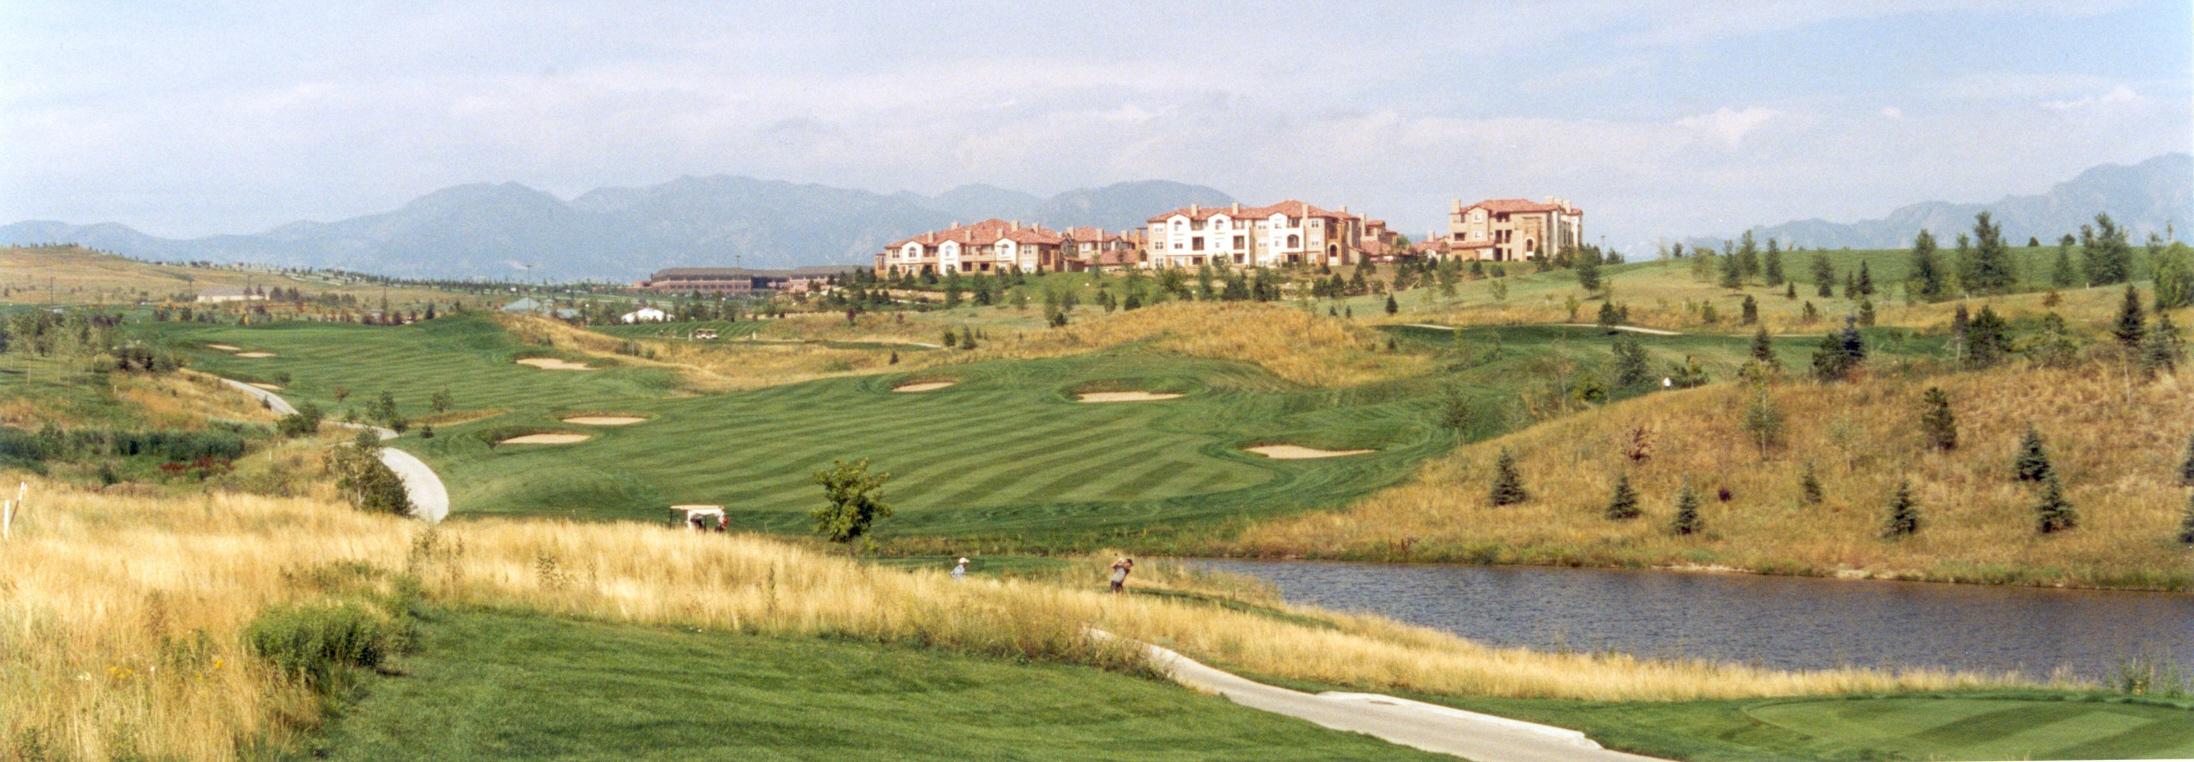 Interlocken 91 - Golf with bldg in bkgrd.jpg